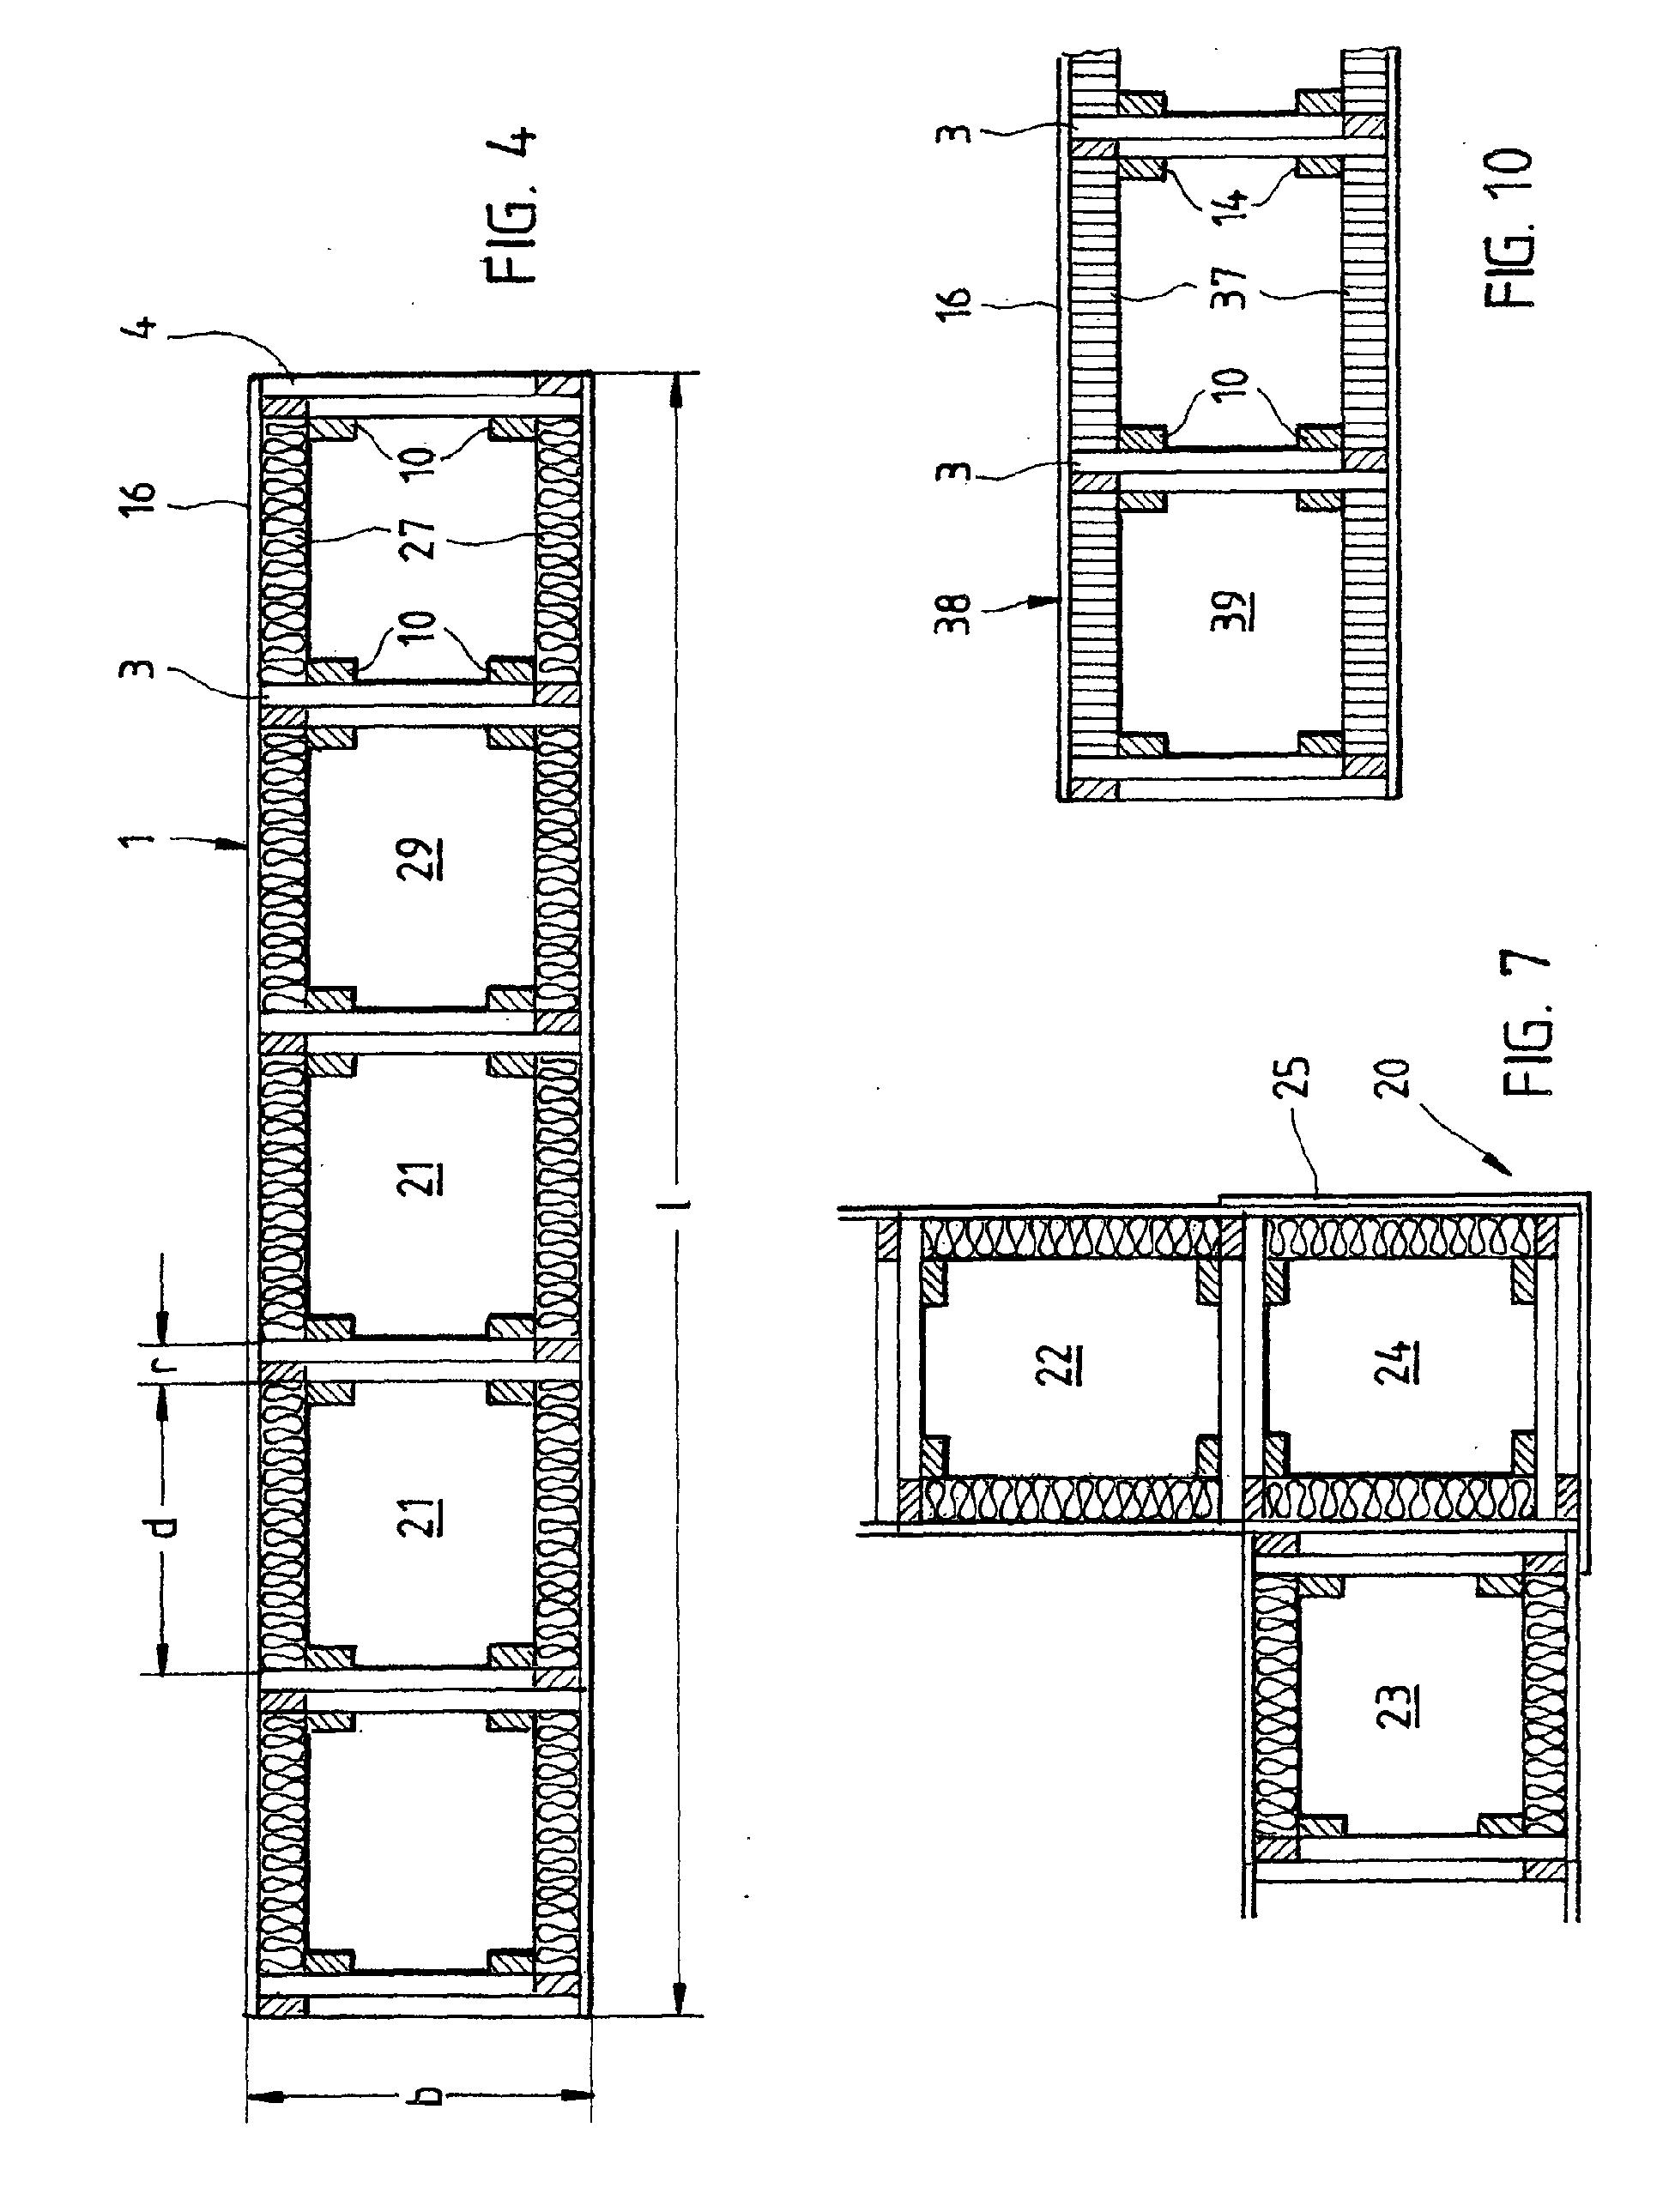 Steckdosen Setzen Abstand Unterputzdosen Abstand Nebenkosten F R